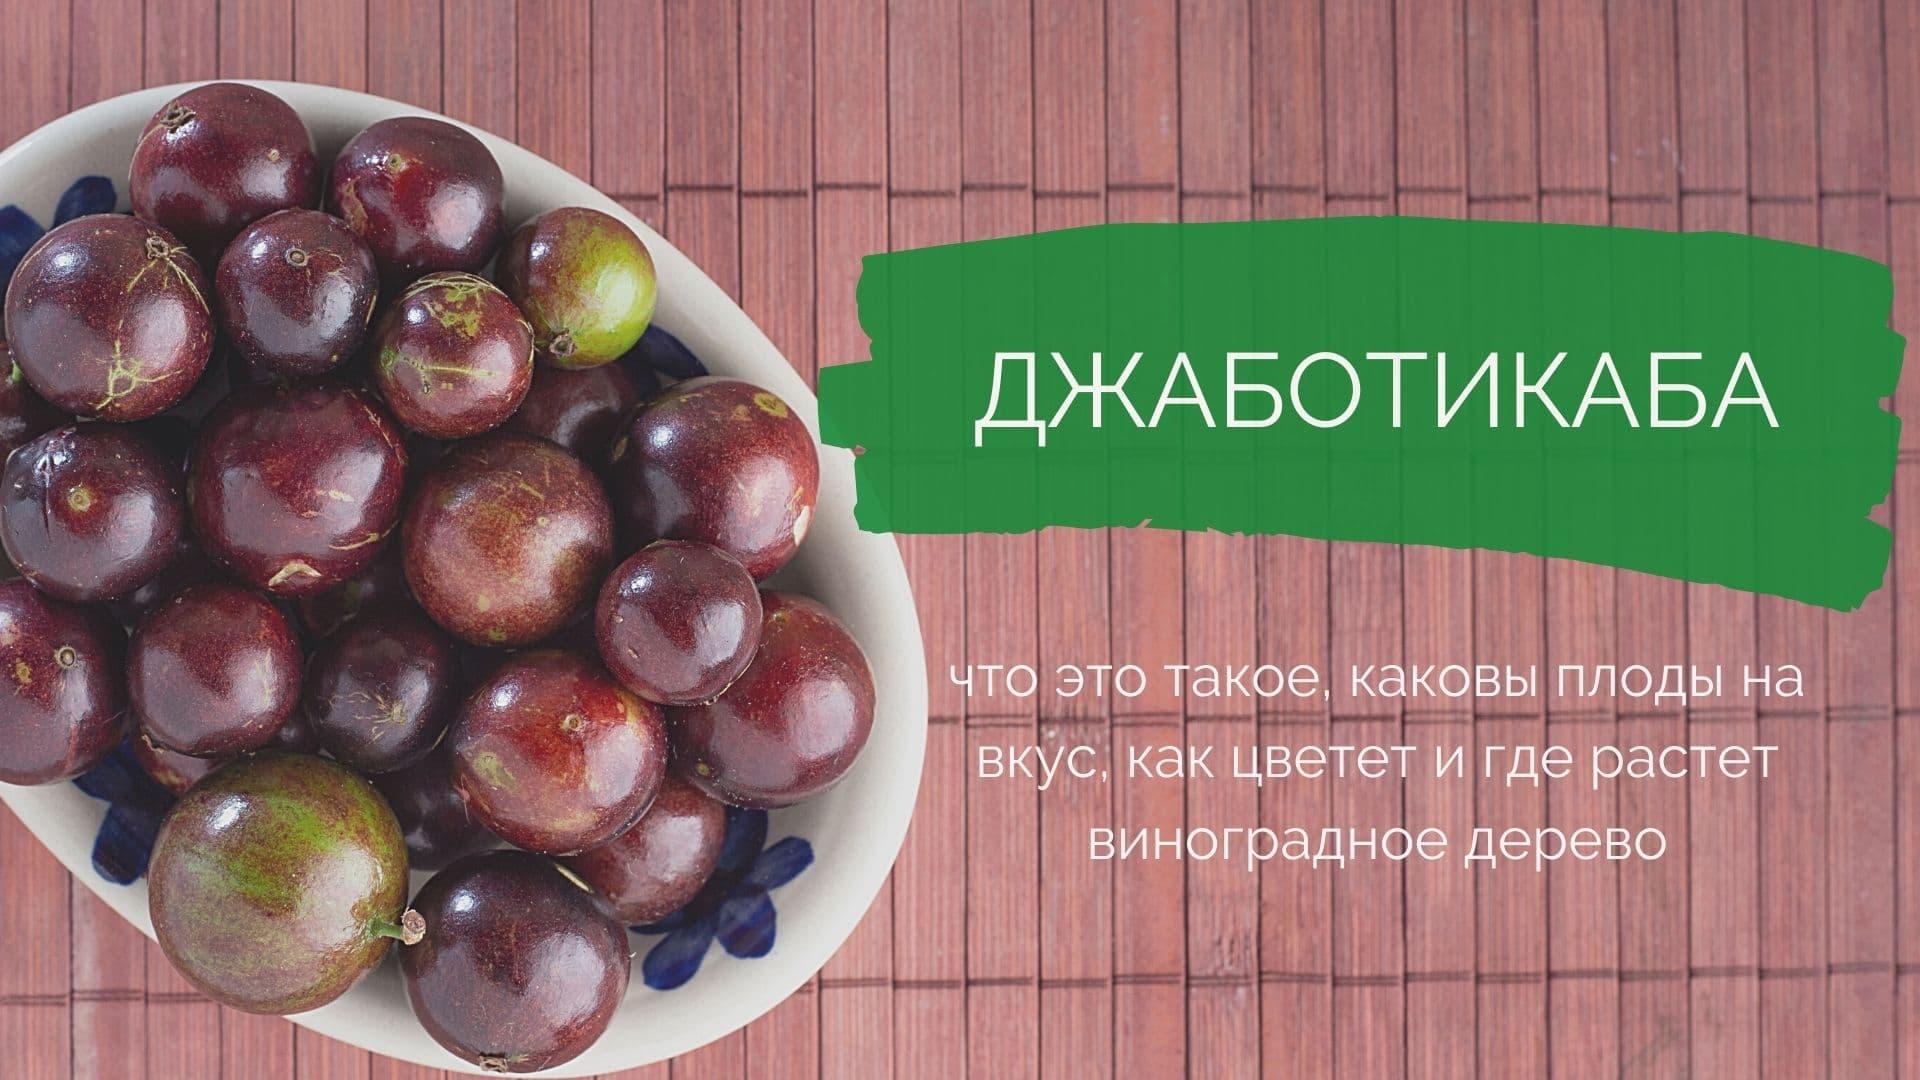 Джаботикаба: что это такое, какой на вкус, как цветет и где растет виноградное дерево